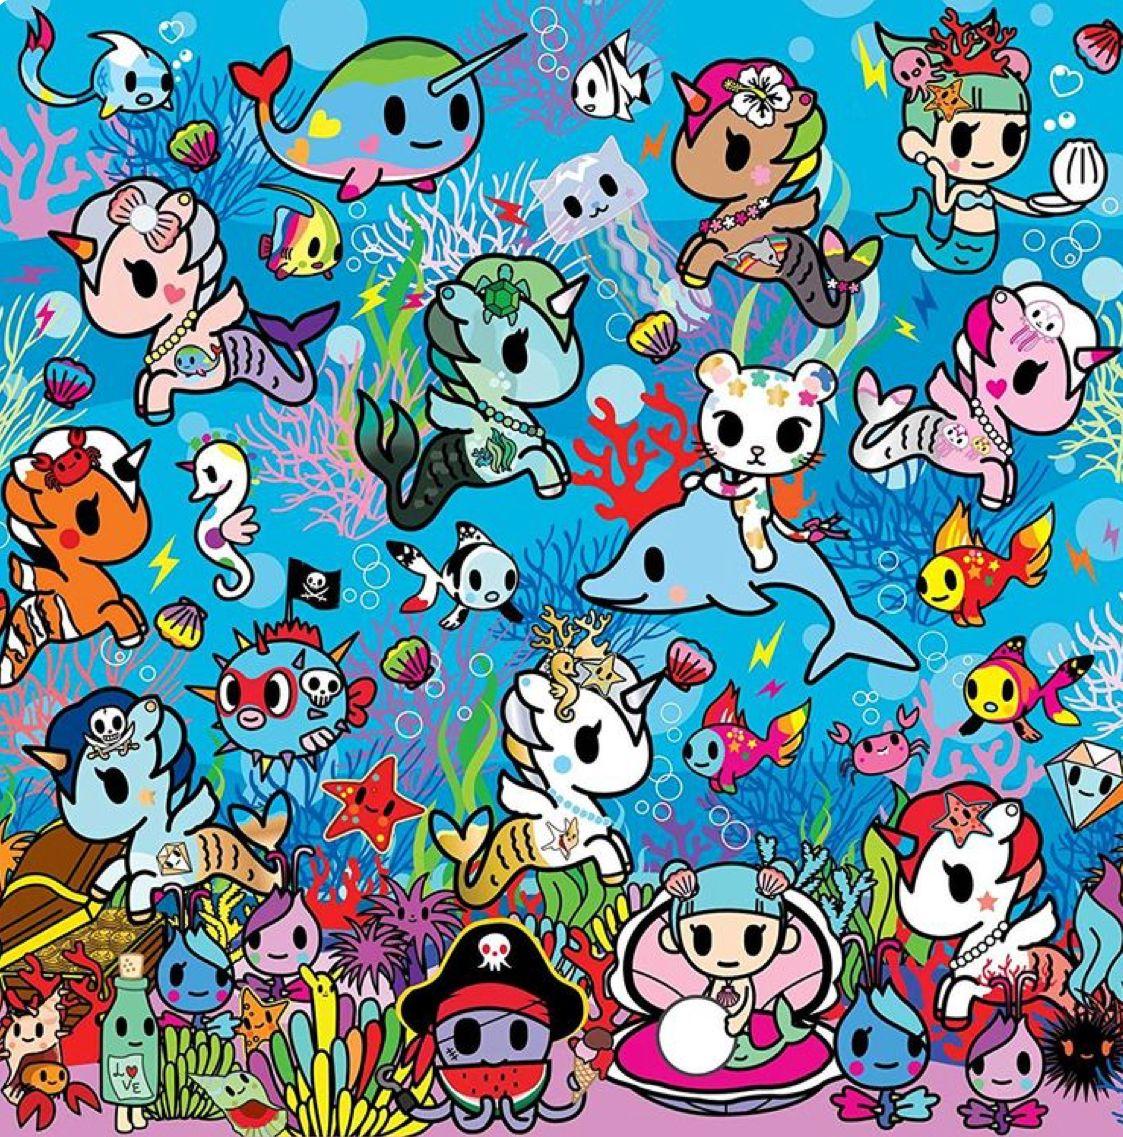 Tokidoki Kawaii Art Cute Drawings Cute Wallpaper